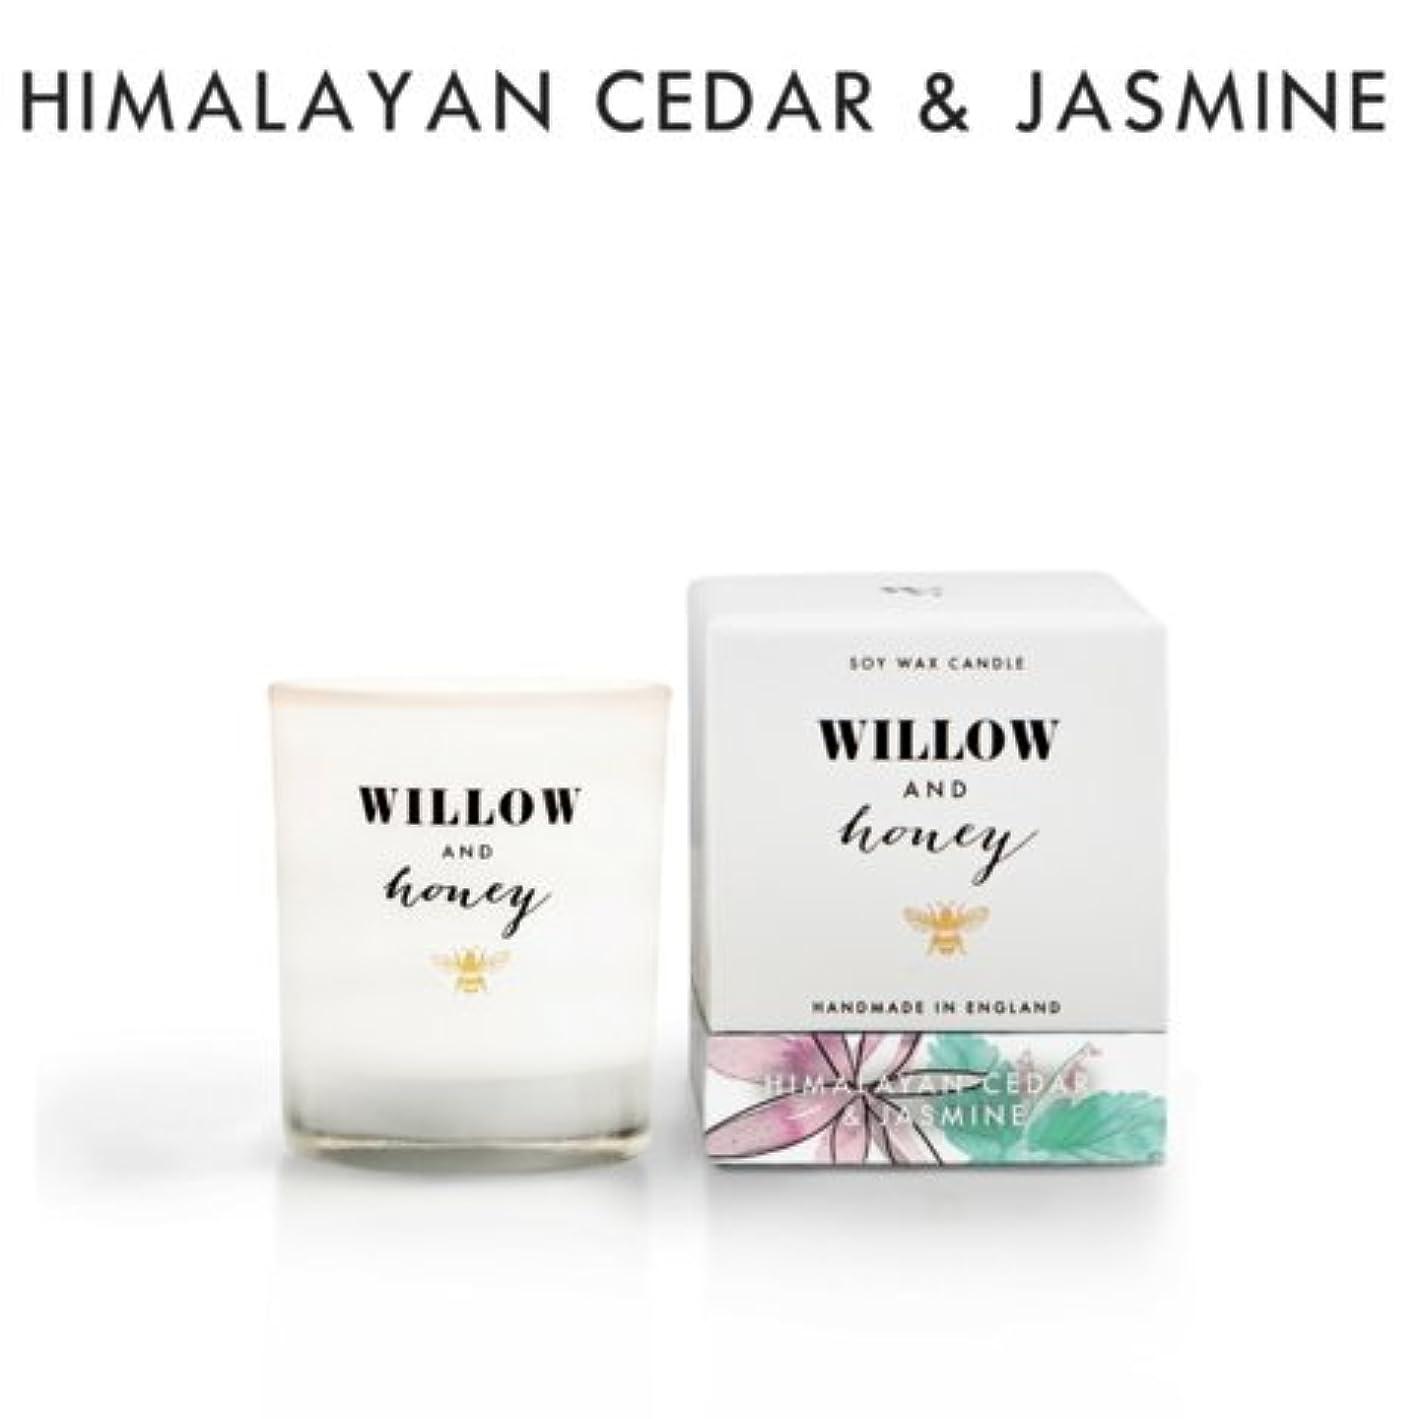 導出シュート親指大豆ワックスMini香りつきAromatherapy Candle – Fill Your Room withプレミアム天然長持ち香りなし、パラフィンと非毒性15時間燃焼時間理想的なギフト